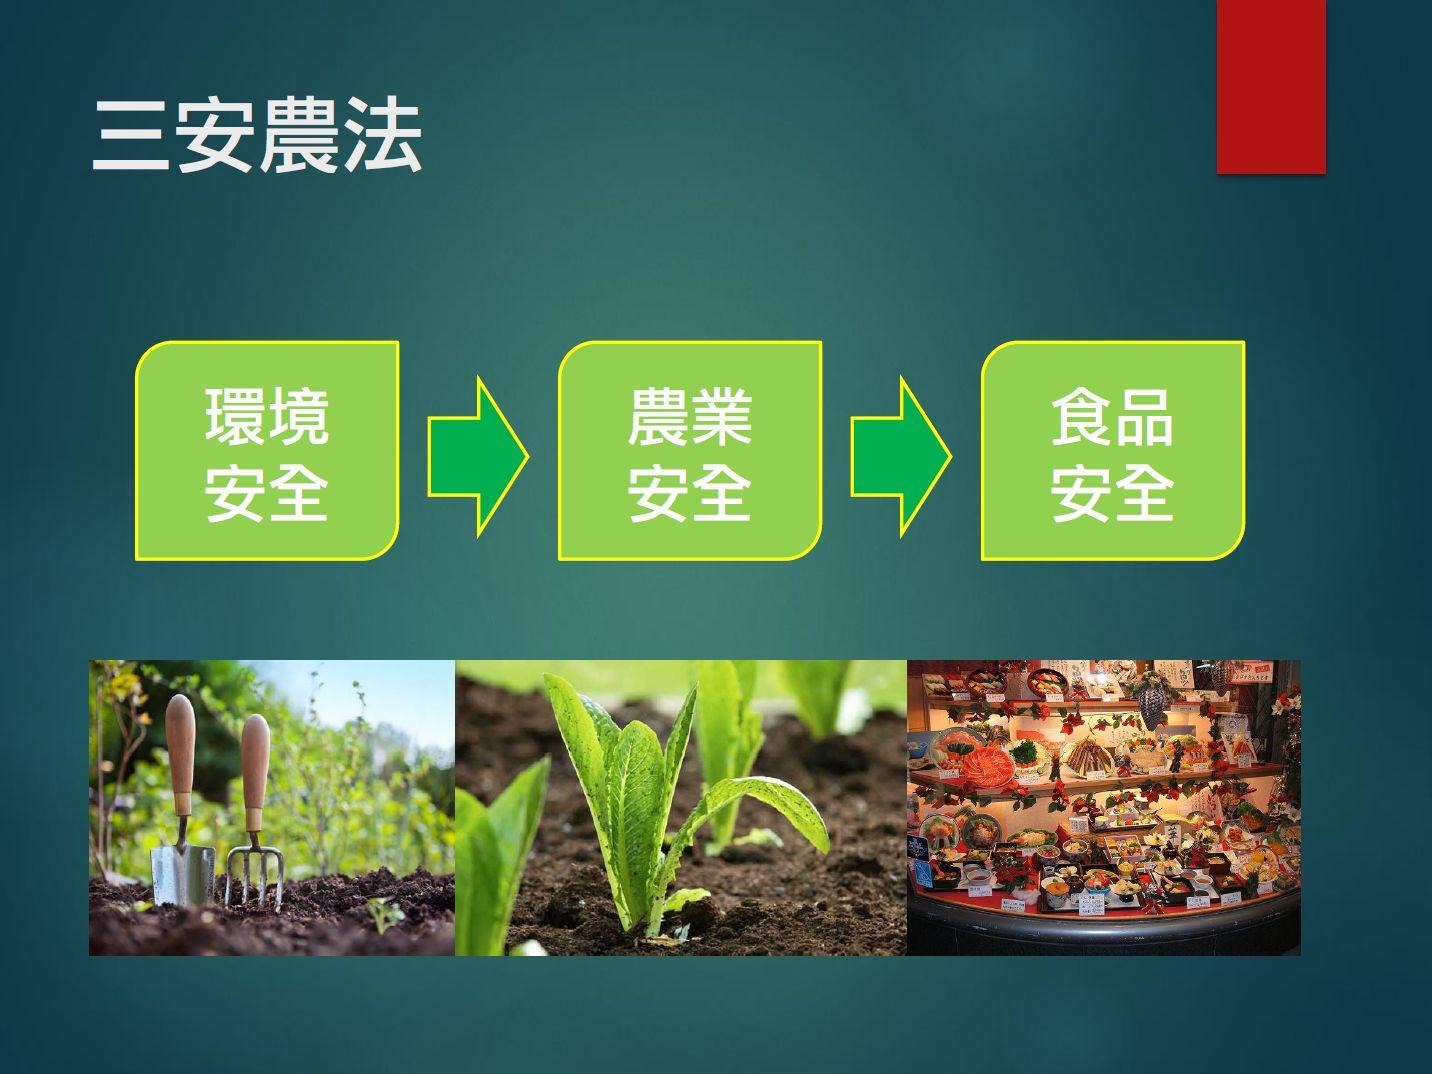 符合三安農法即環境安全、農業安全、食品安全